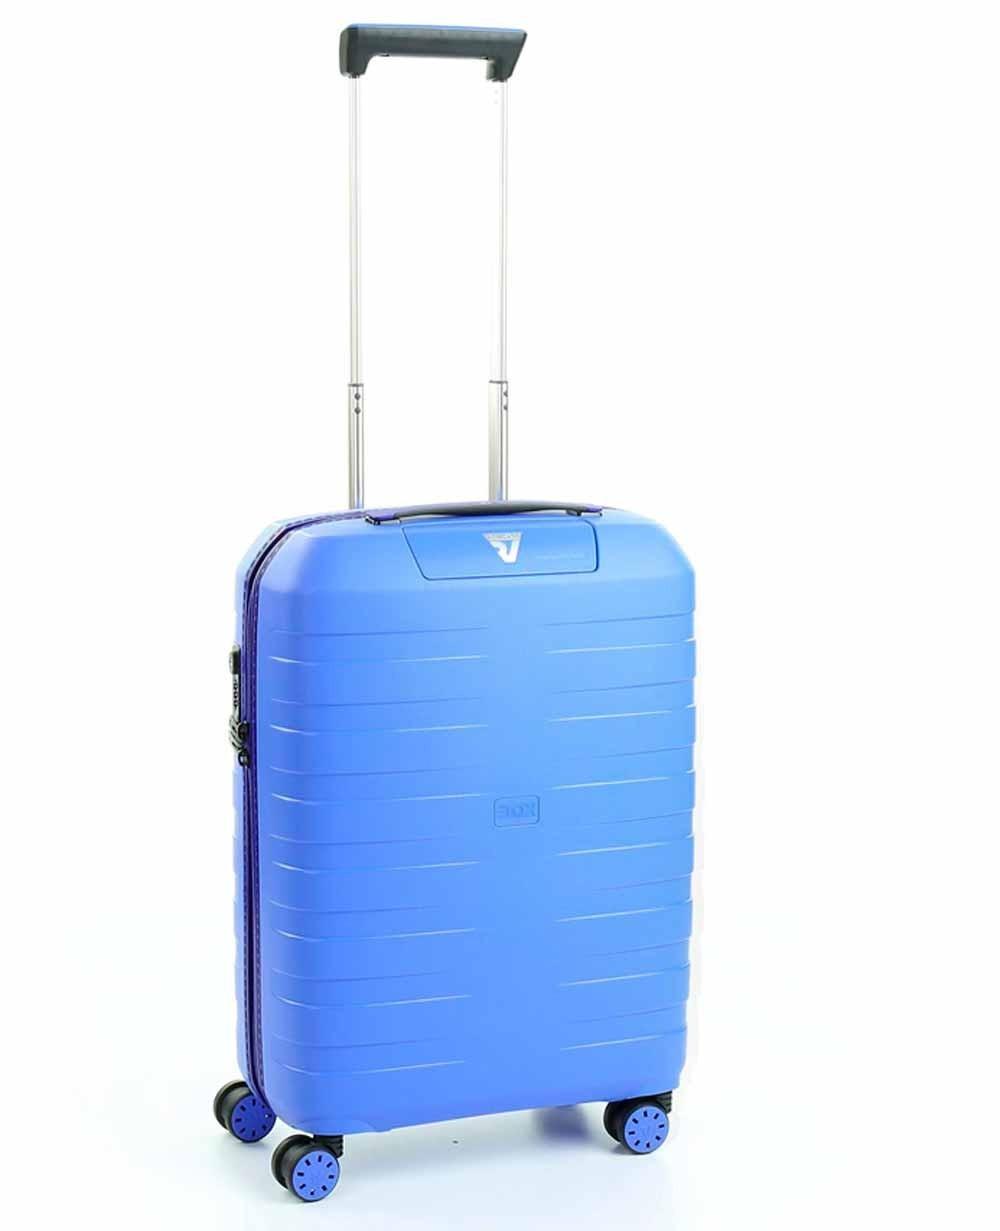 Roncato Box 2.0 Maleta de mano Azul (Foto )